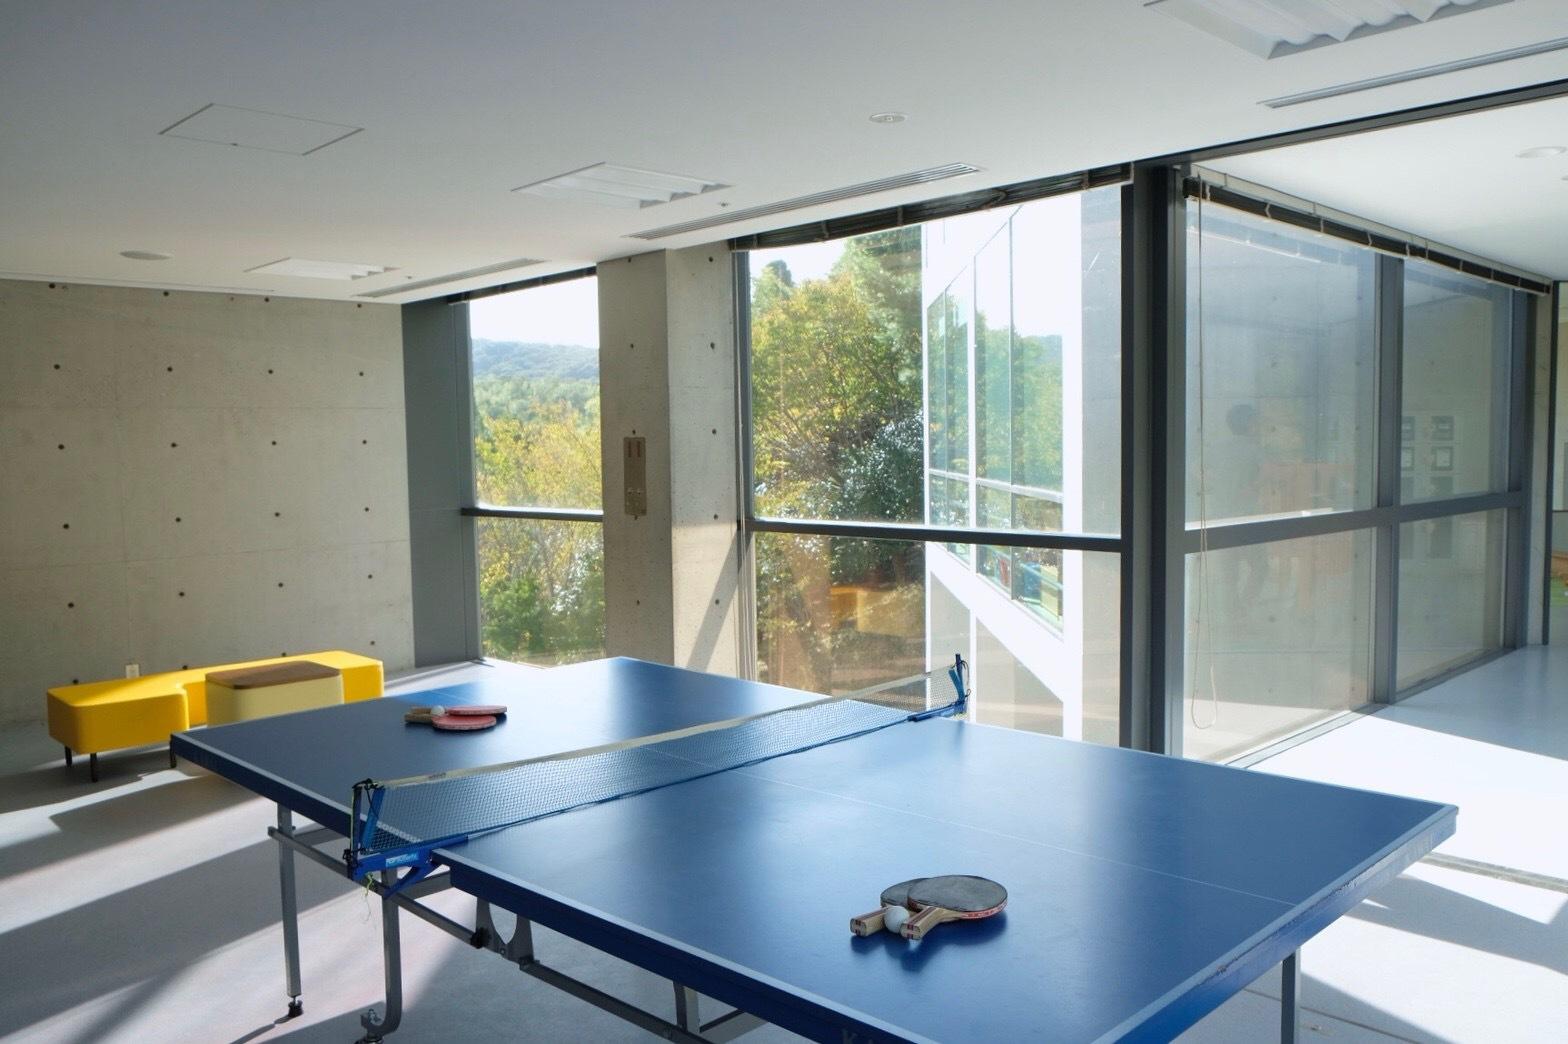 【卓球台】ご宿泊の方は夜9時まで無料でご利用頂けます。